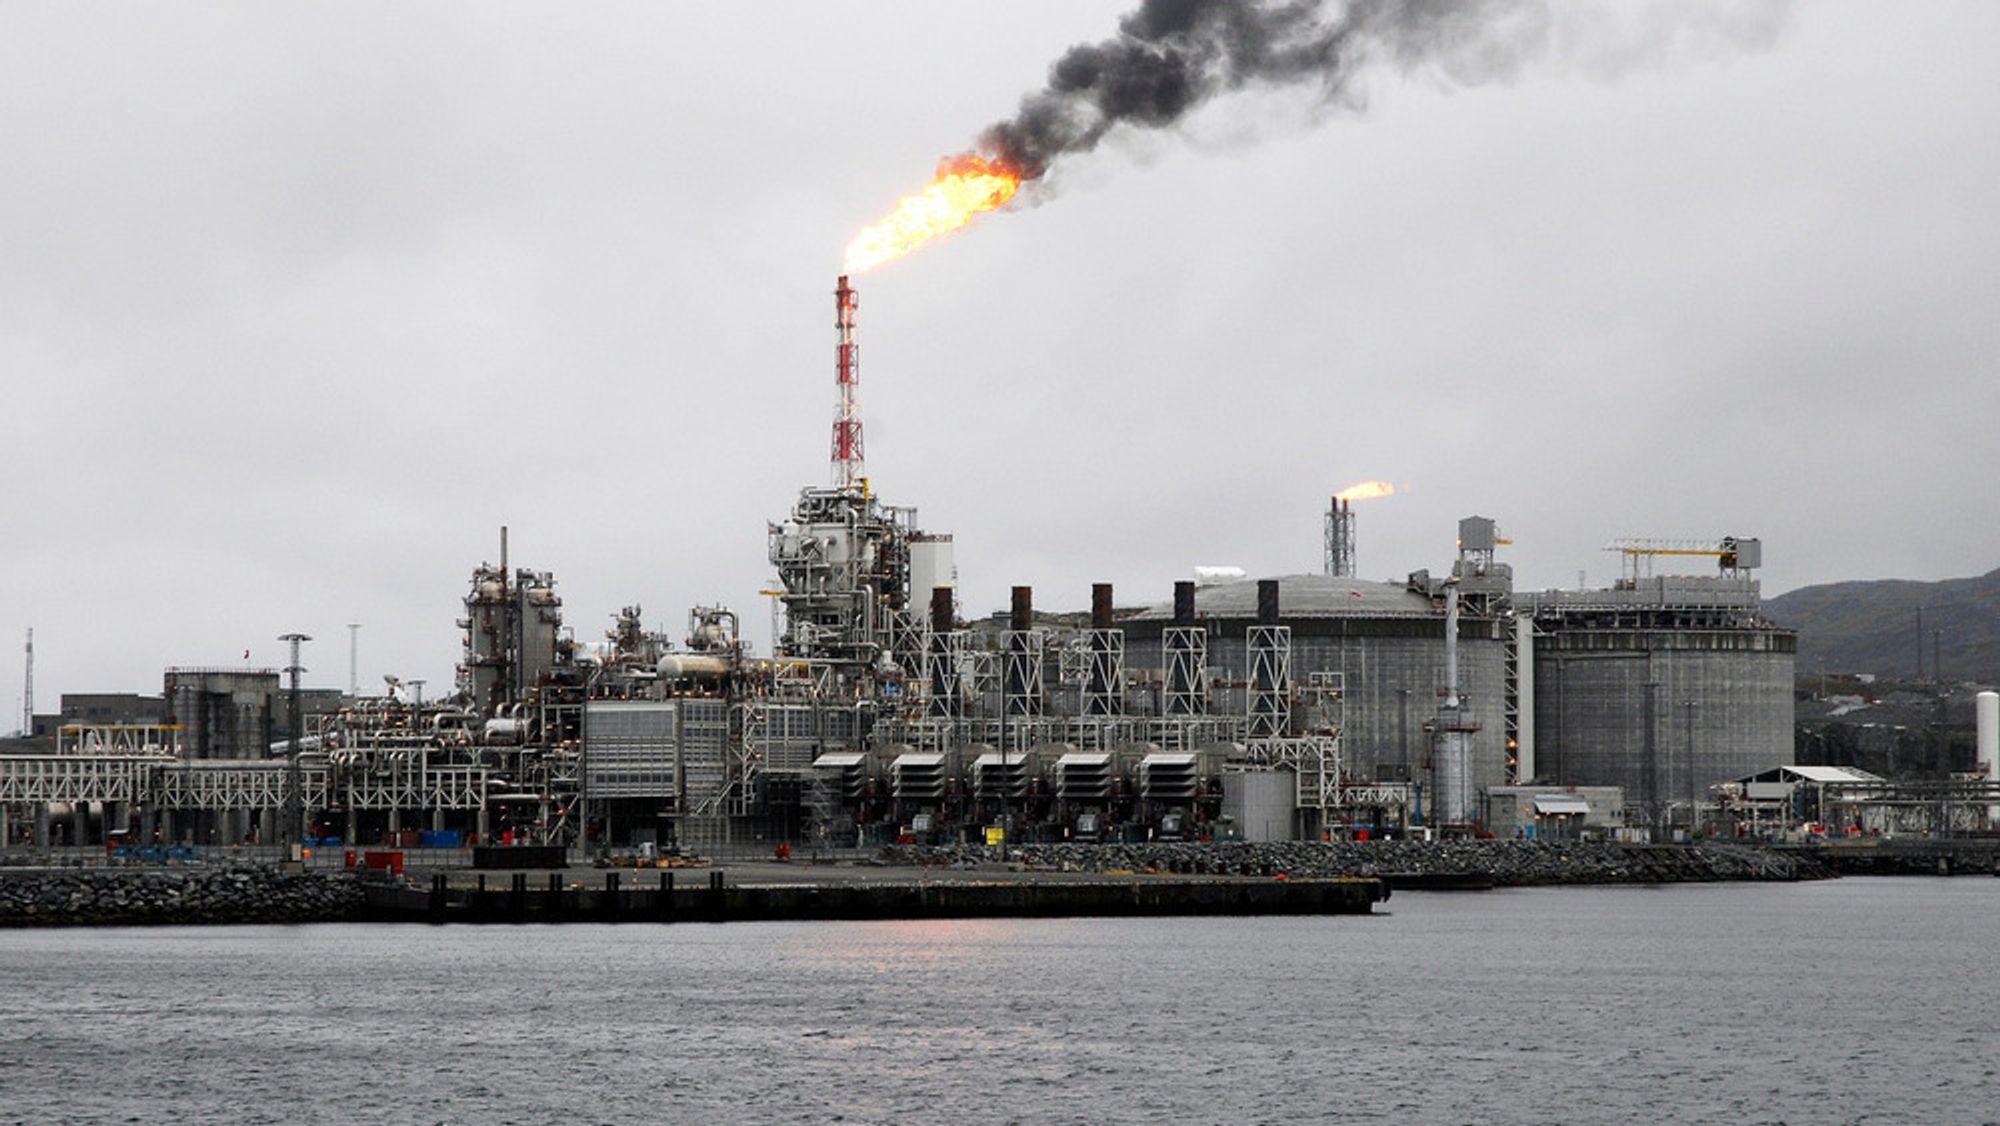 EU vil kutte sitt gassforbruk dramatisk de neste 30 årene. Det vil påvirke norsk eksport. På bildet ser vi gasskraftverket som forsyner LNG-anlegget på Melkøya ved Hammerfest.